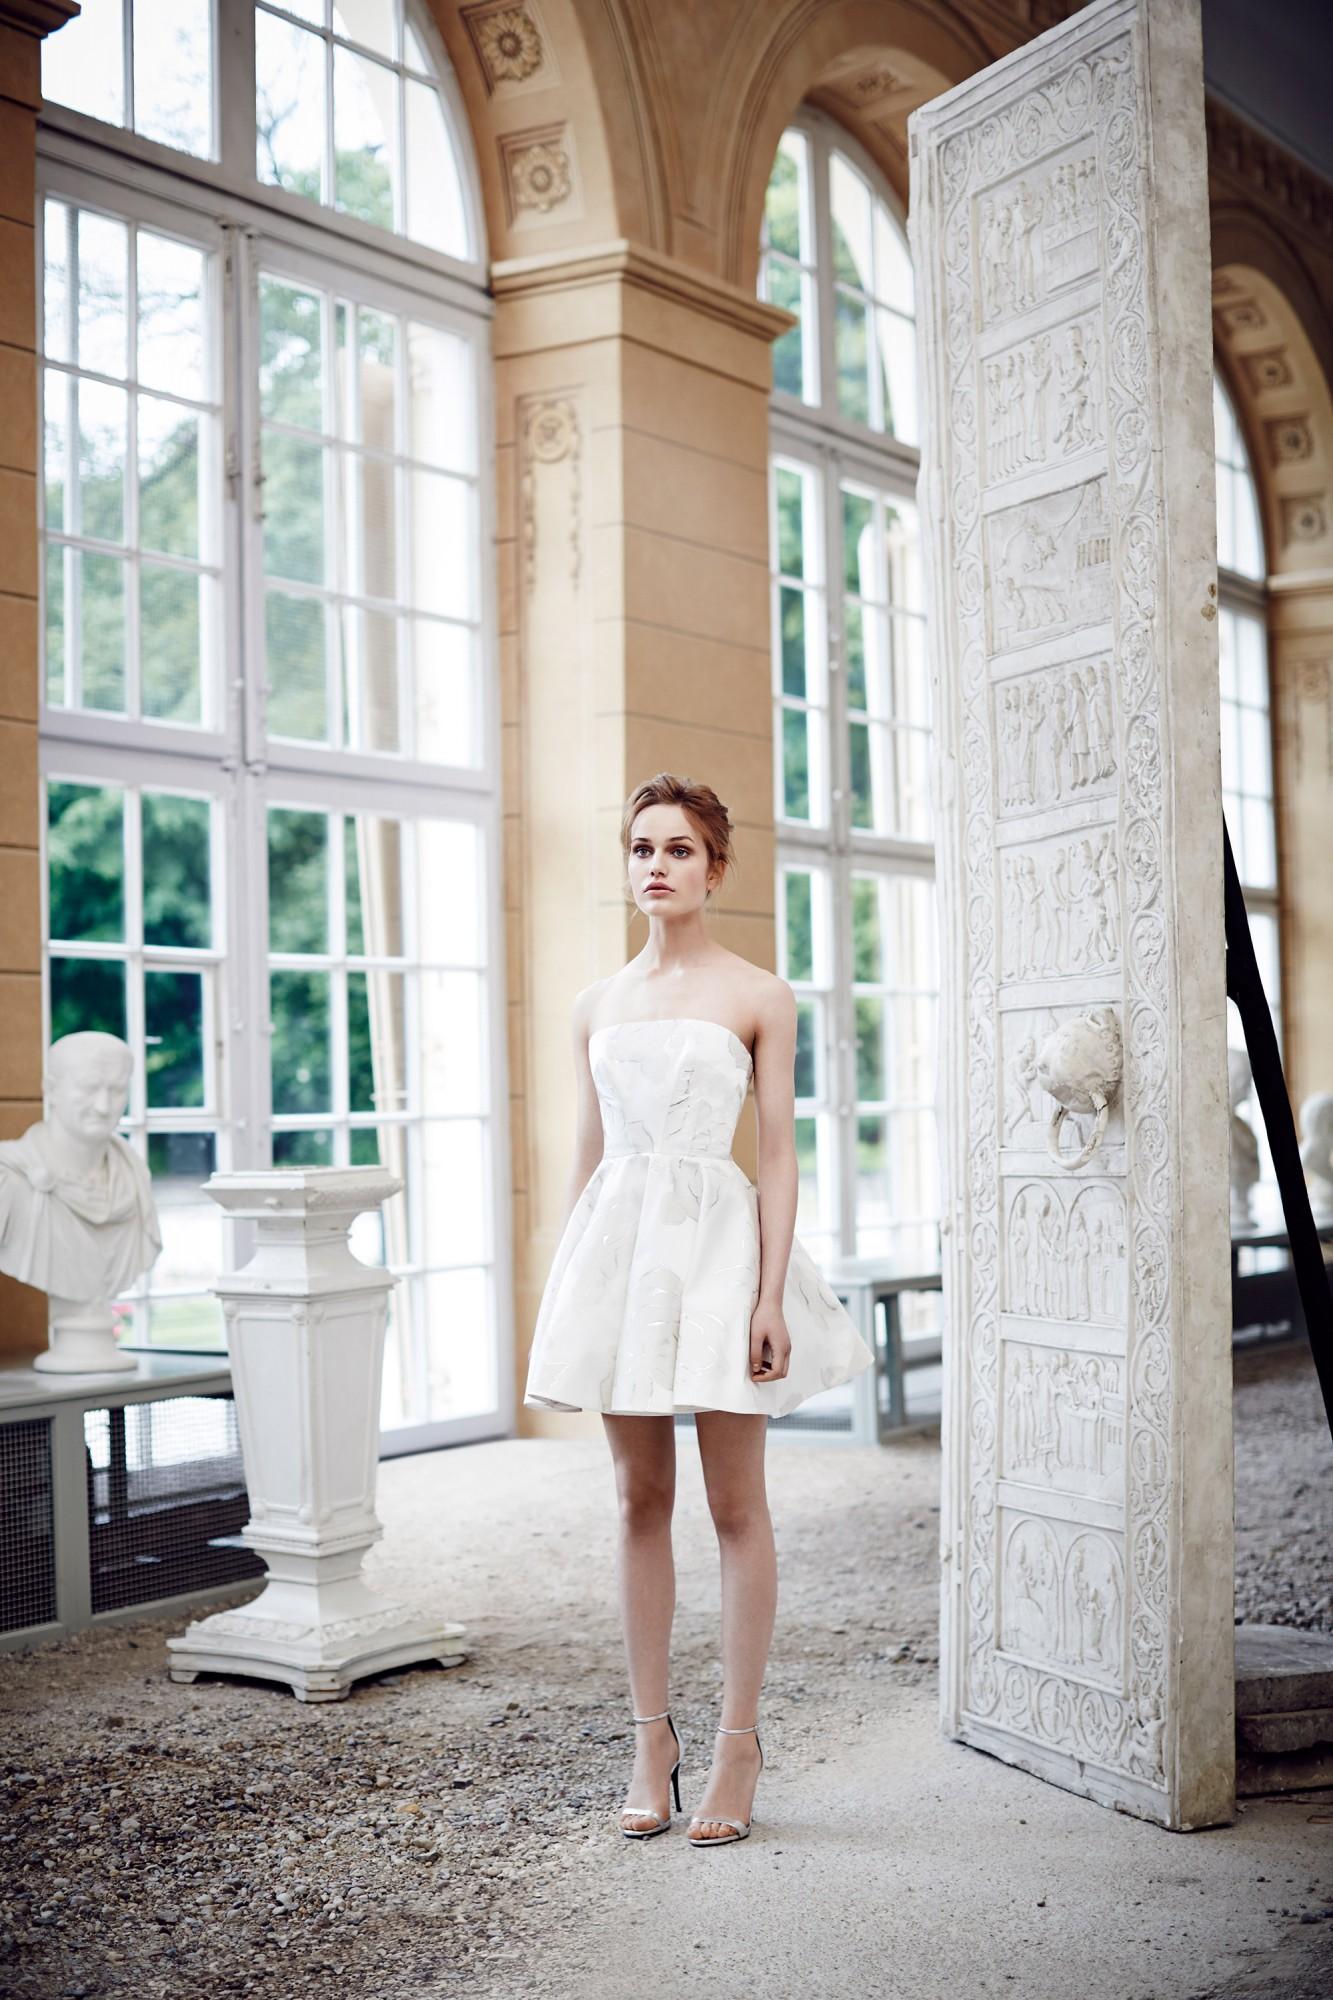 Suknia ślubna La Mania White (źródło: www.lamania.eu)